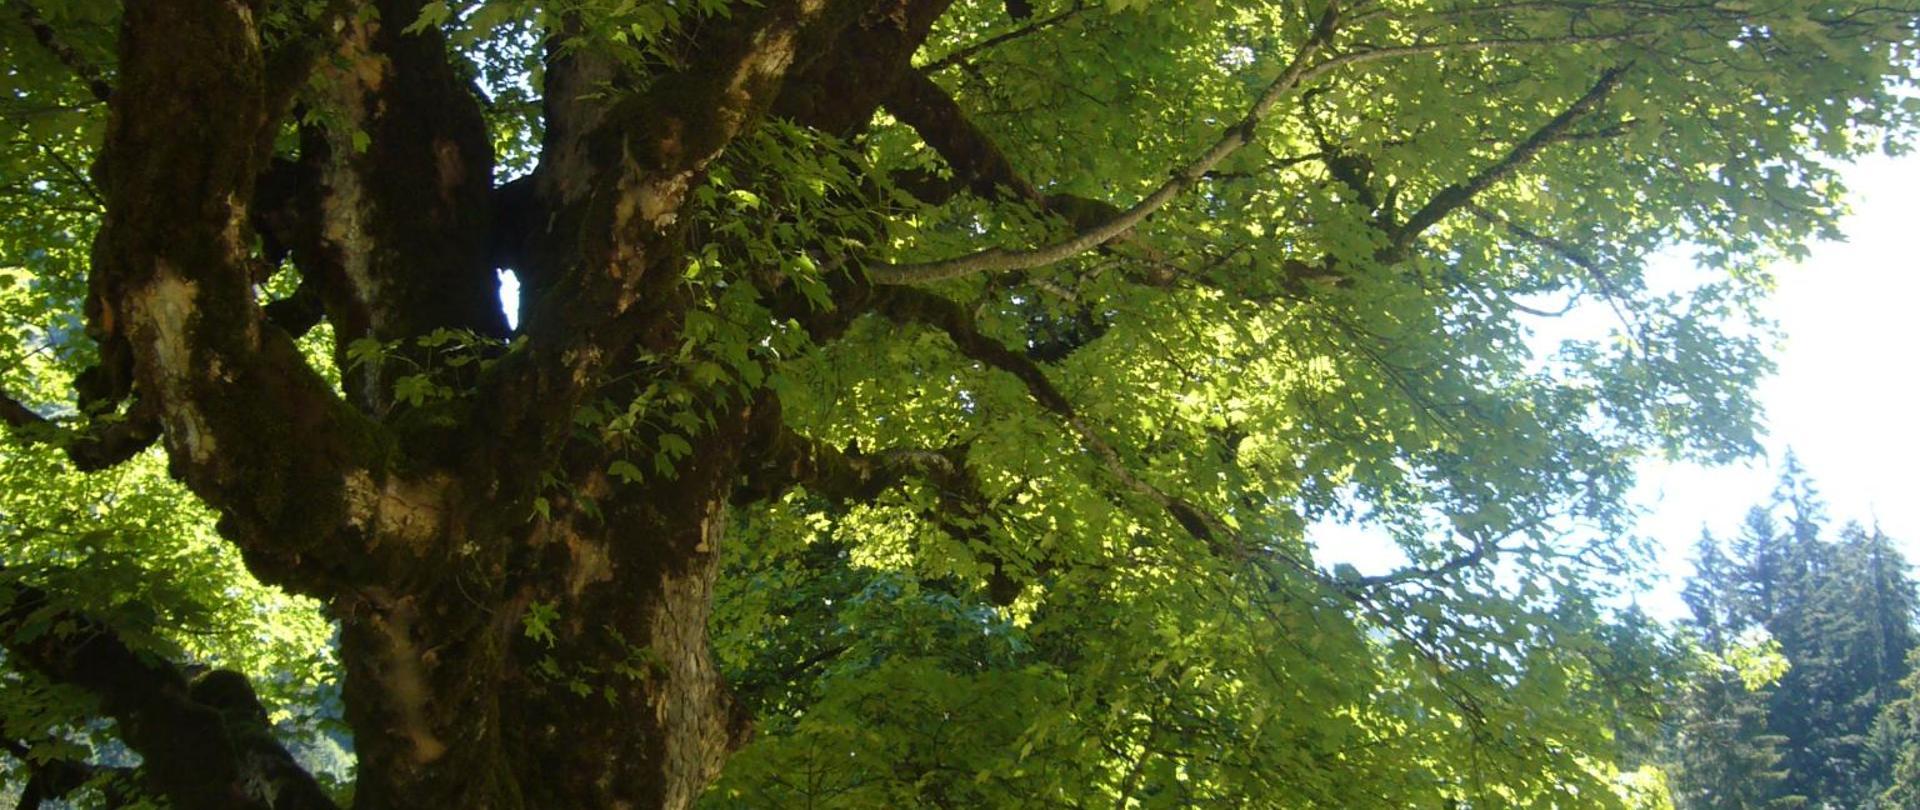 Tausendejähriger Baum.JPG